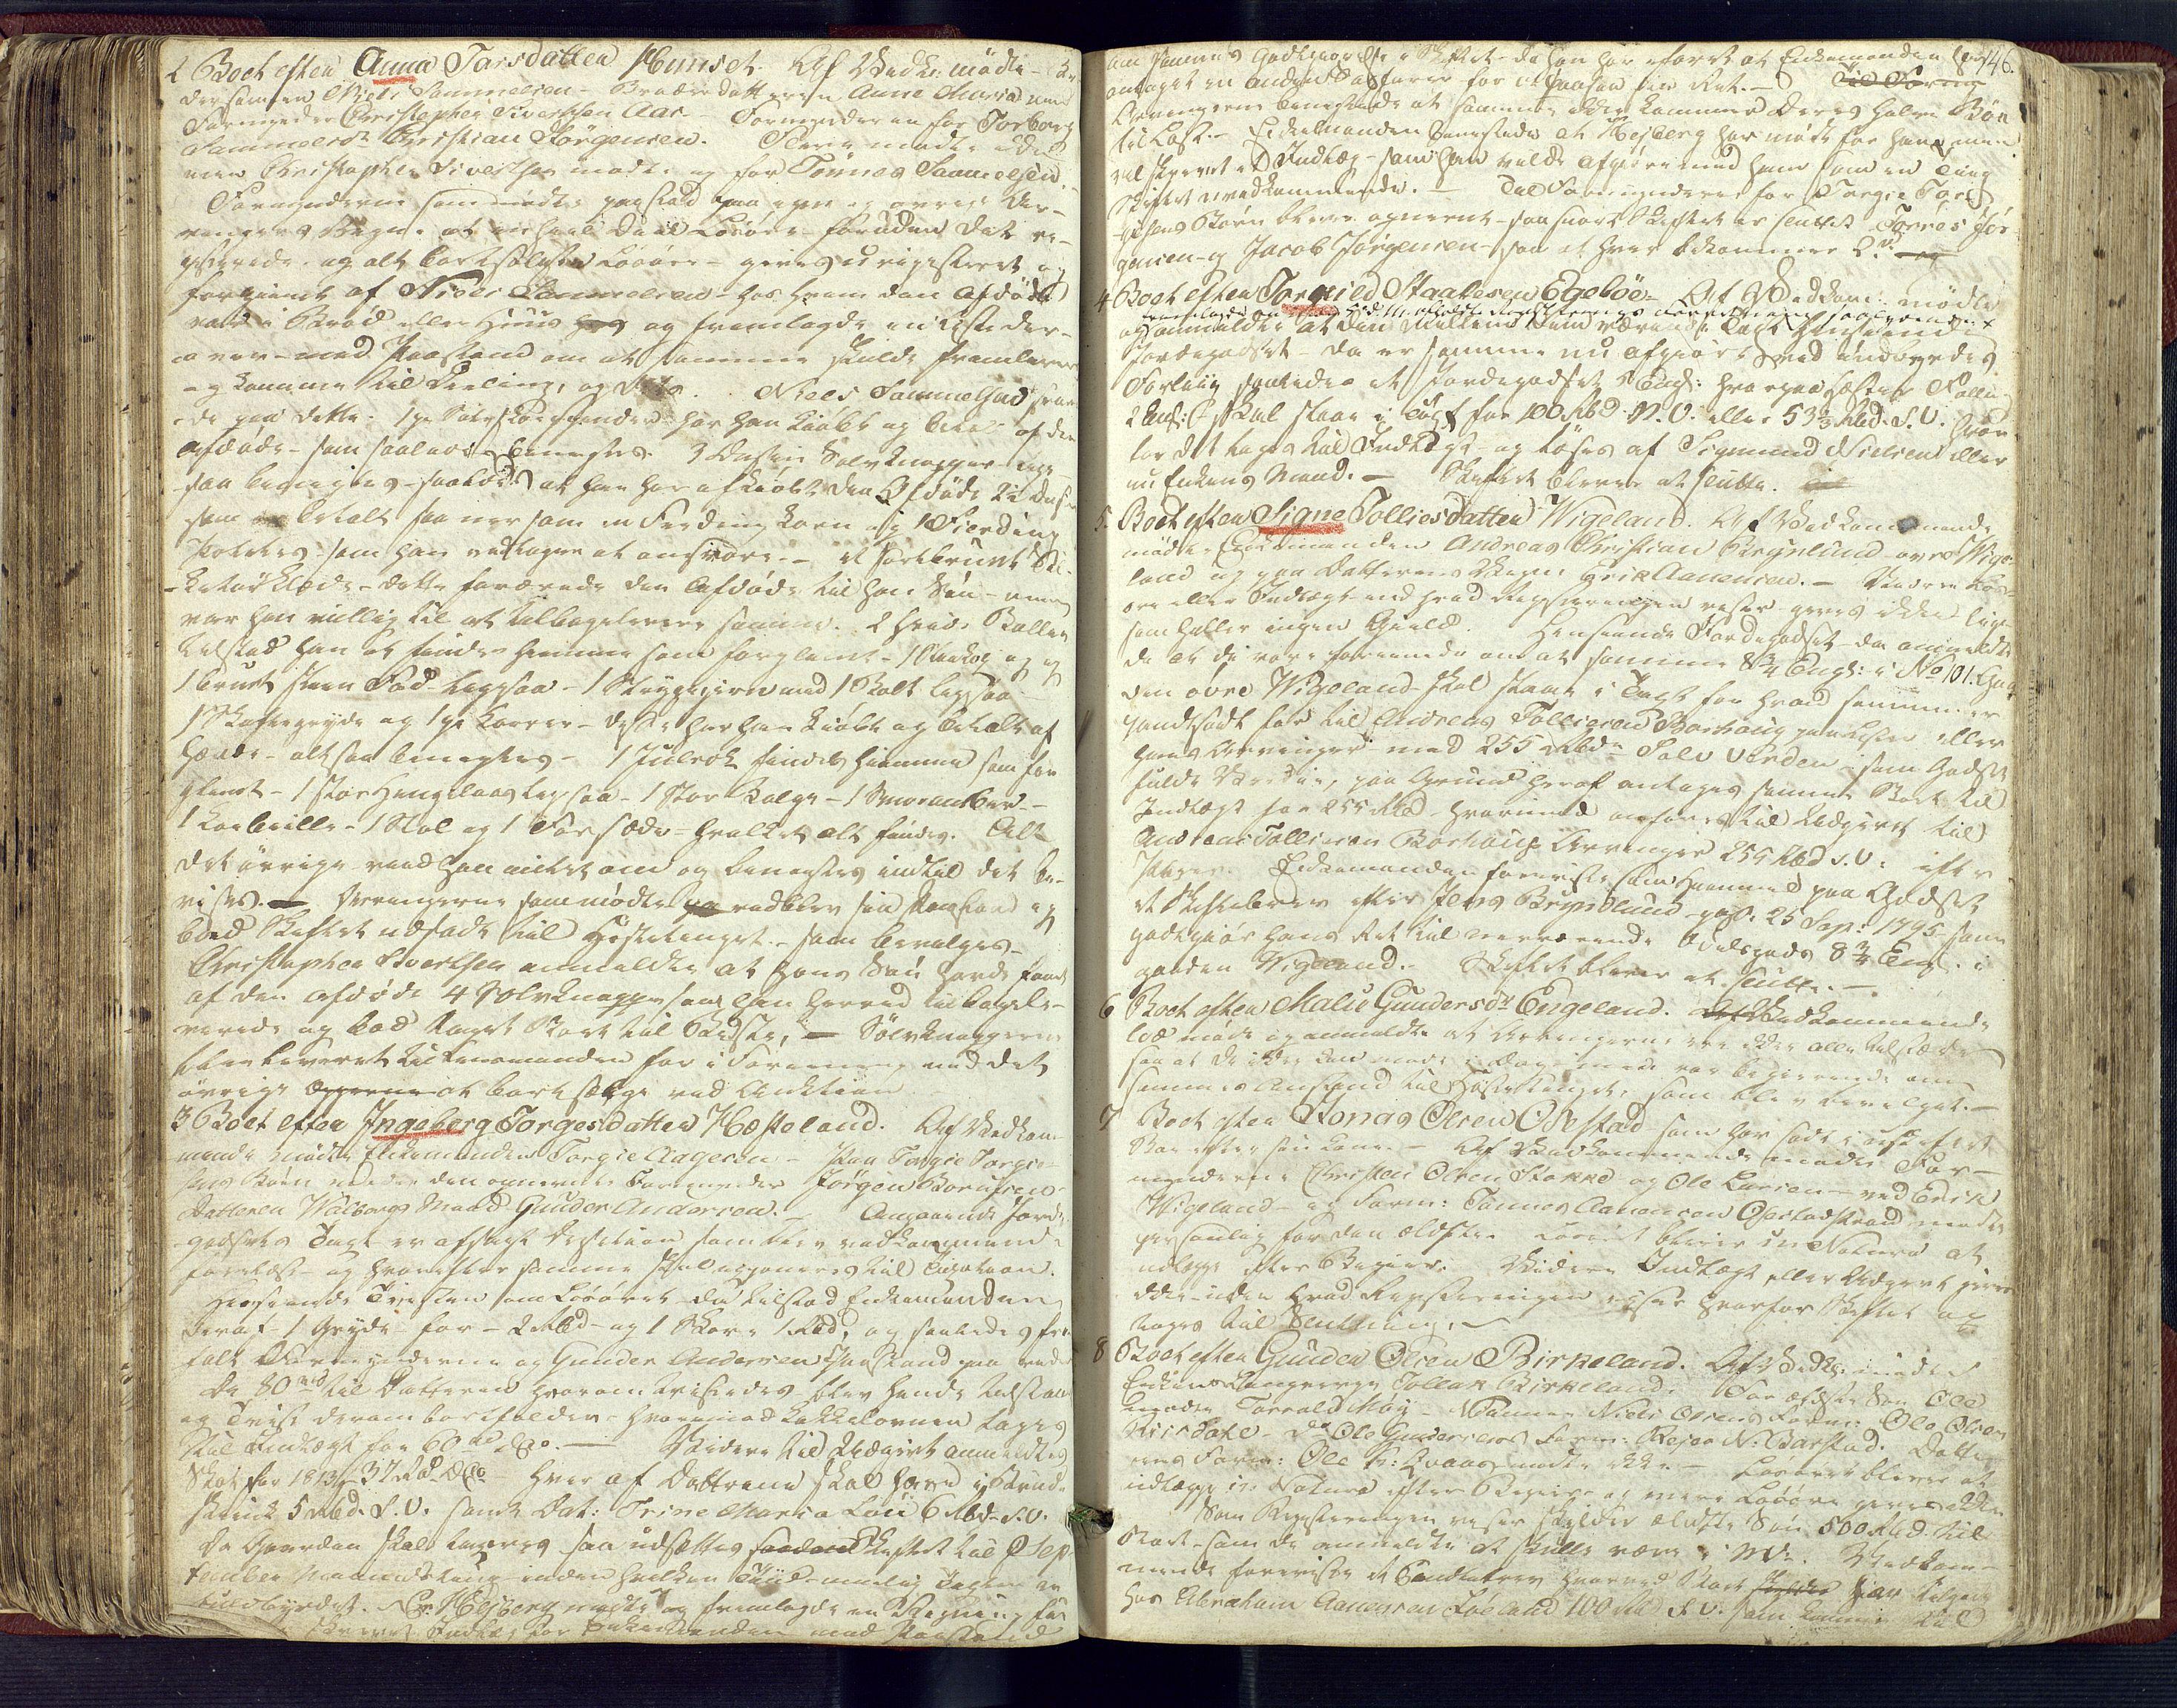 SAK, Lyngdal sorenskriveri, H/Hc/L0866: Skiftebehandlingsprotokoll nr. 1, 1810-1822, s. 145b-146a